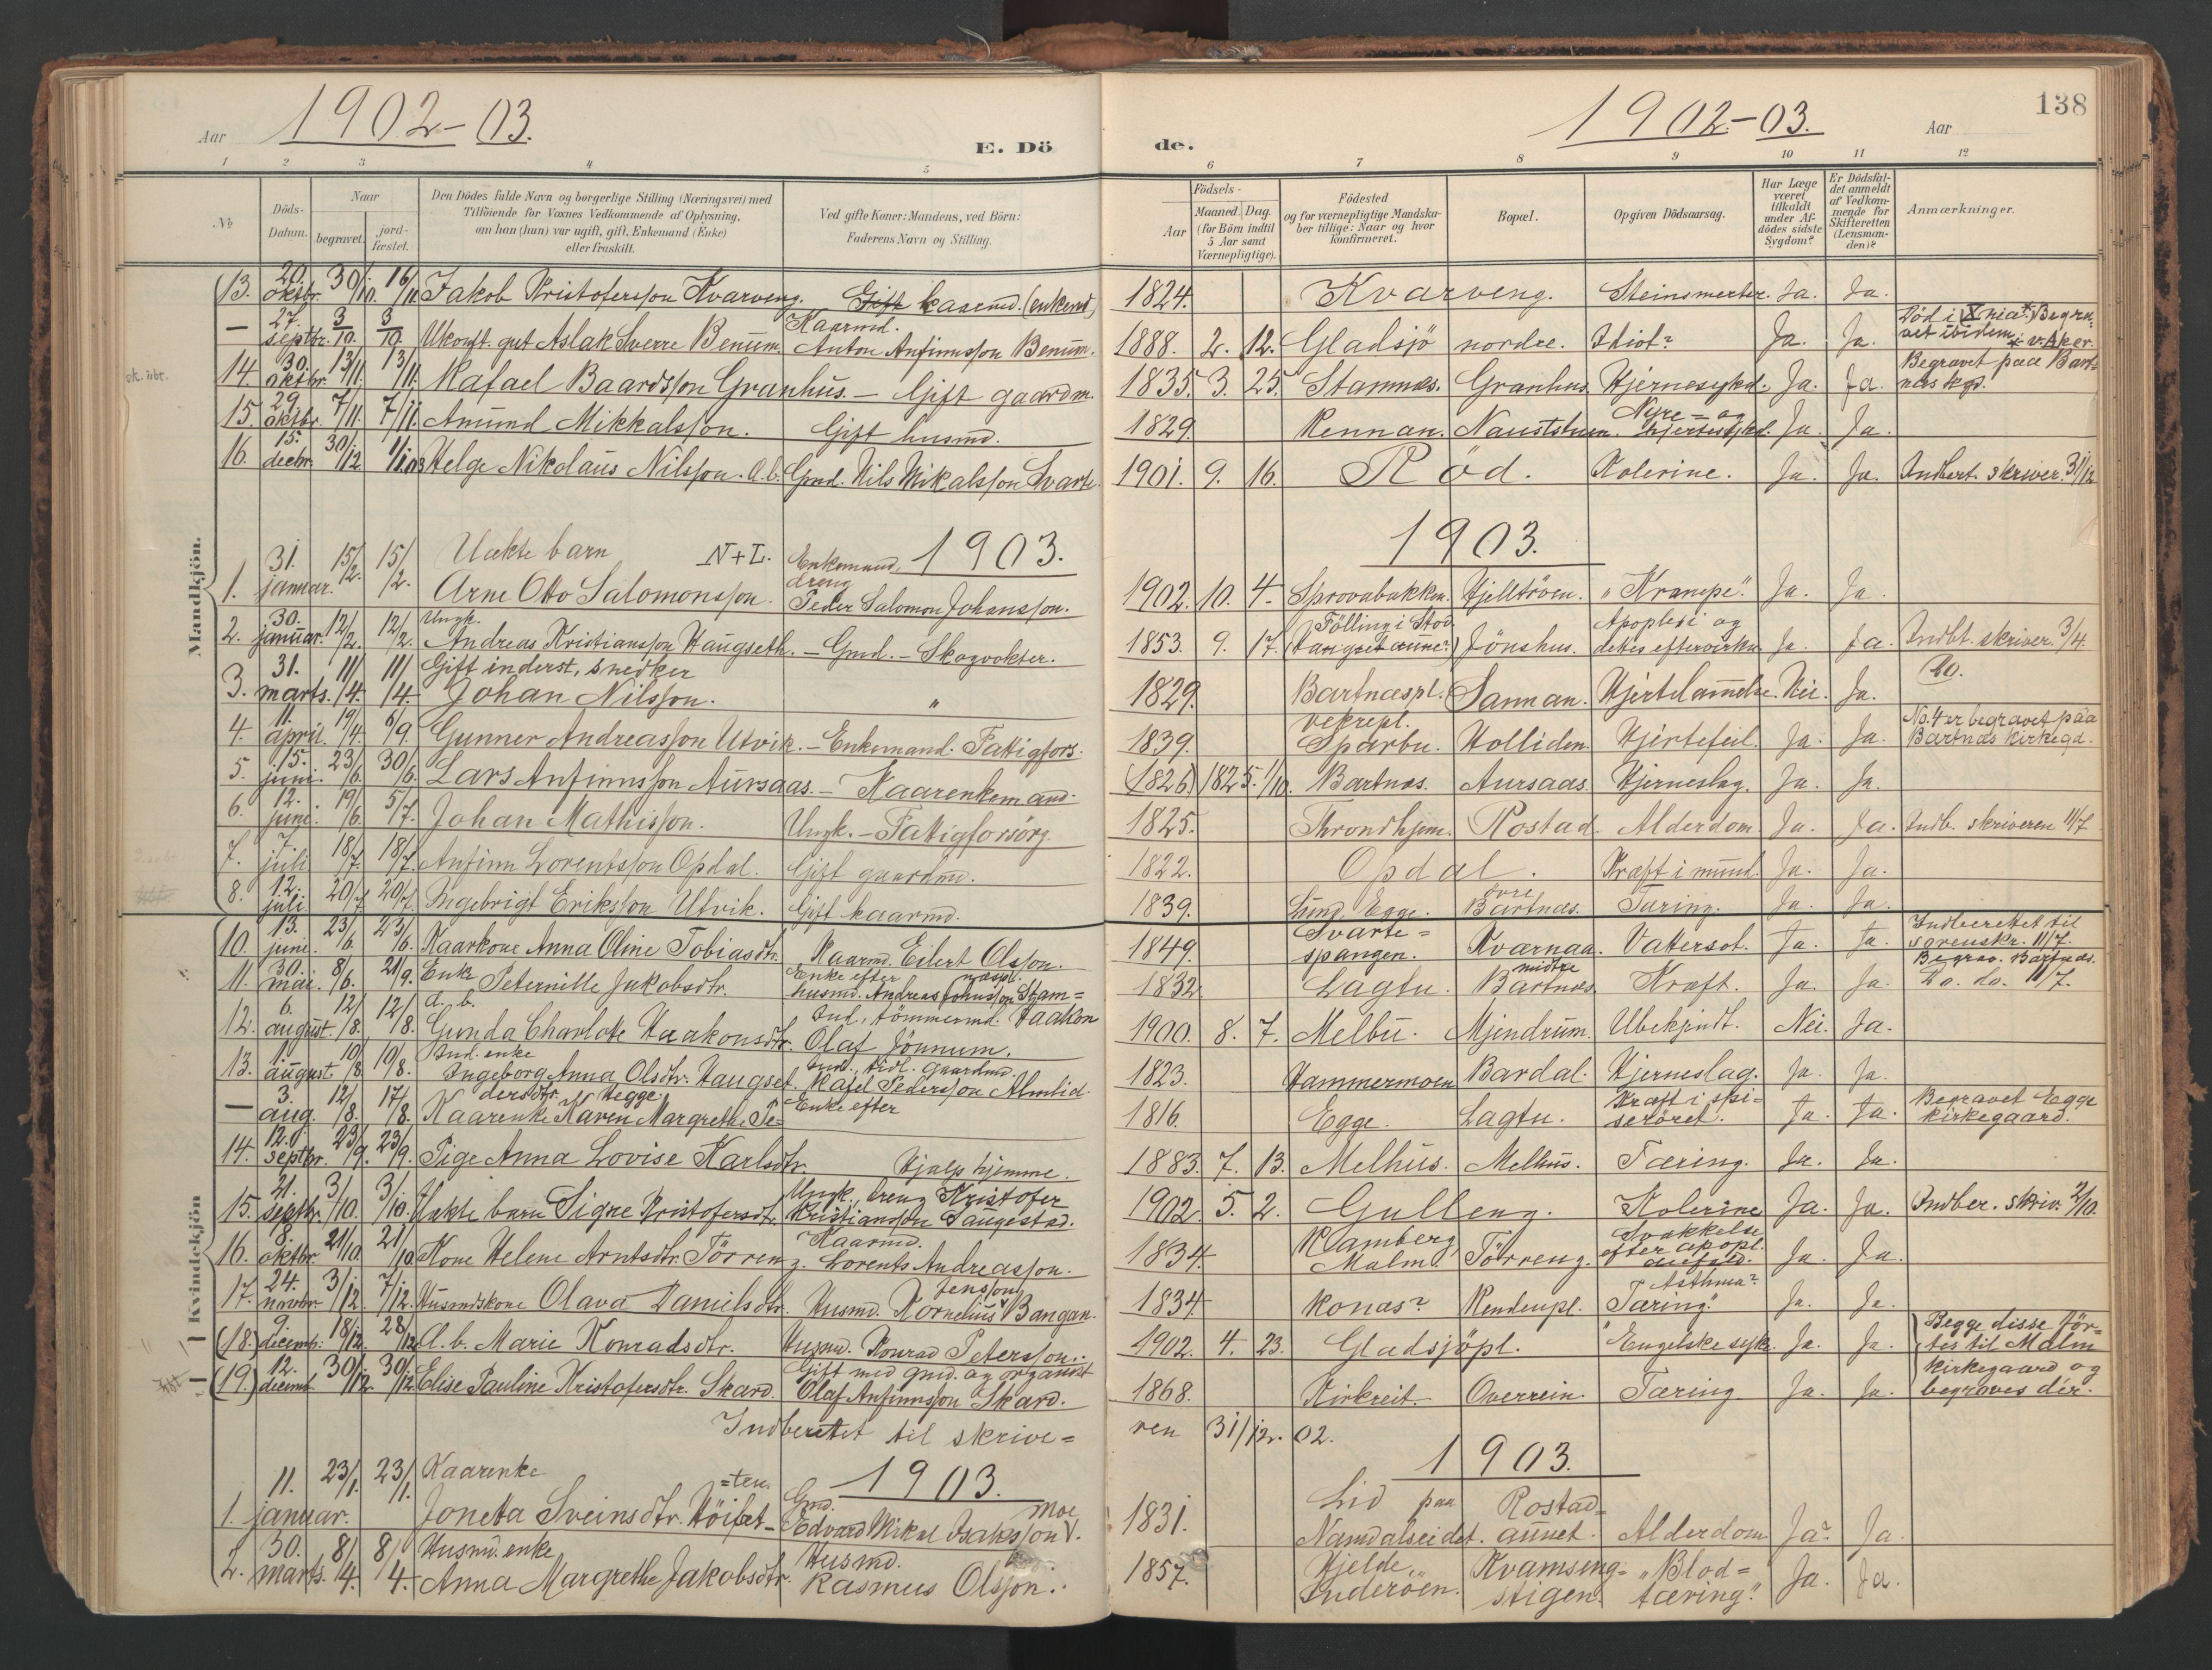 SAT, Ministerialprotokoller, klokkerbøker og fødselsregistre - Nord-Trøndelag, 741/L0397: Ministerialbok nr. 741A11, 1901-1911, s. 138